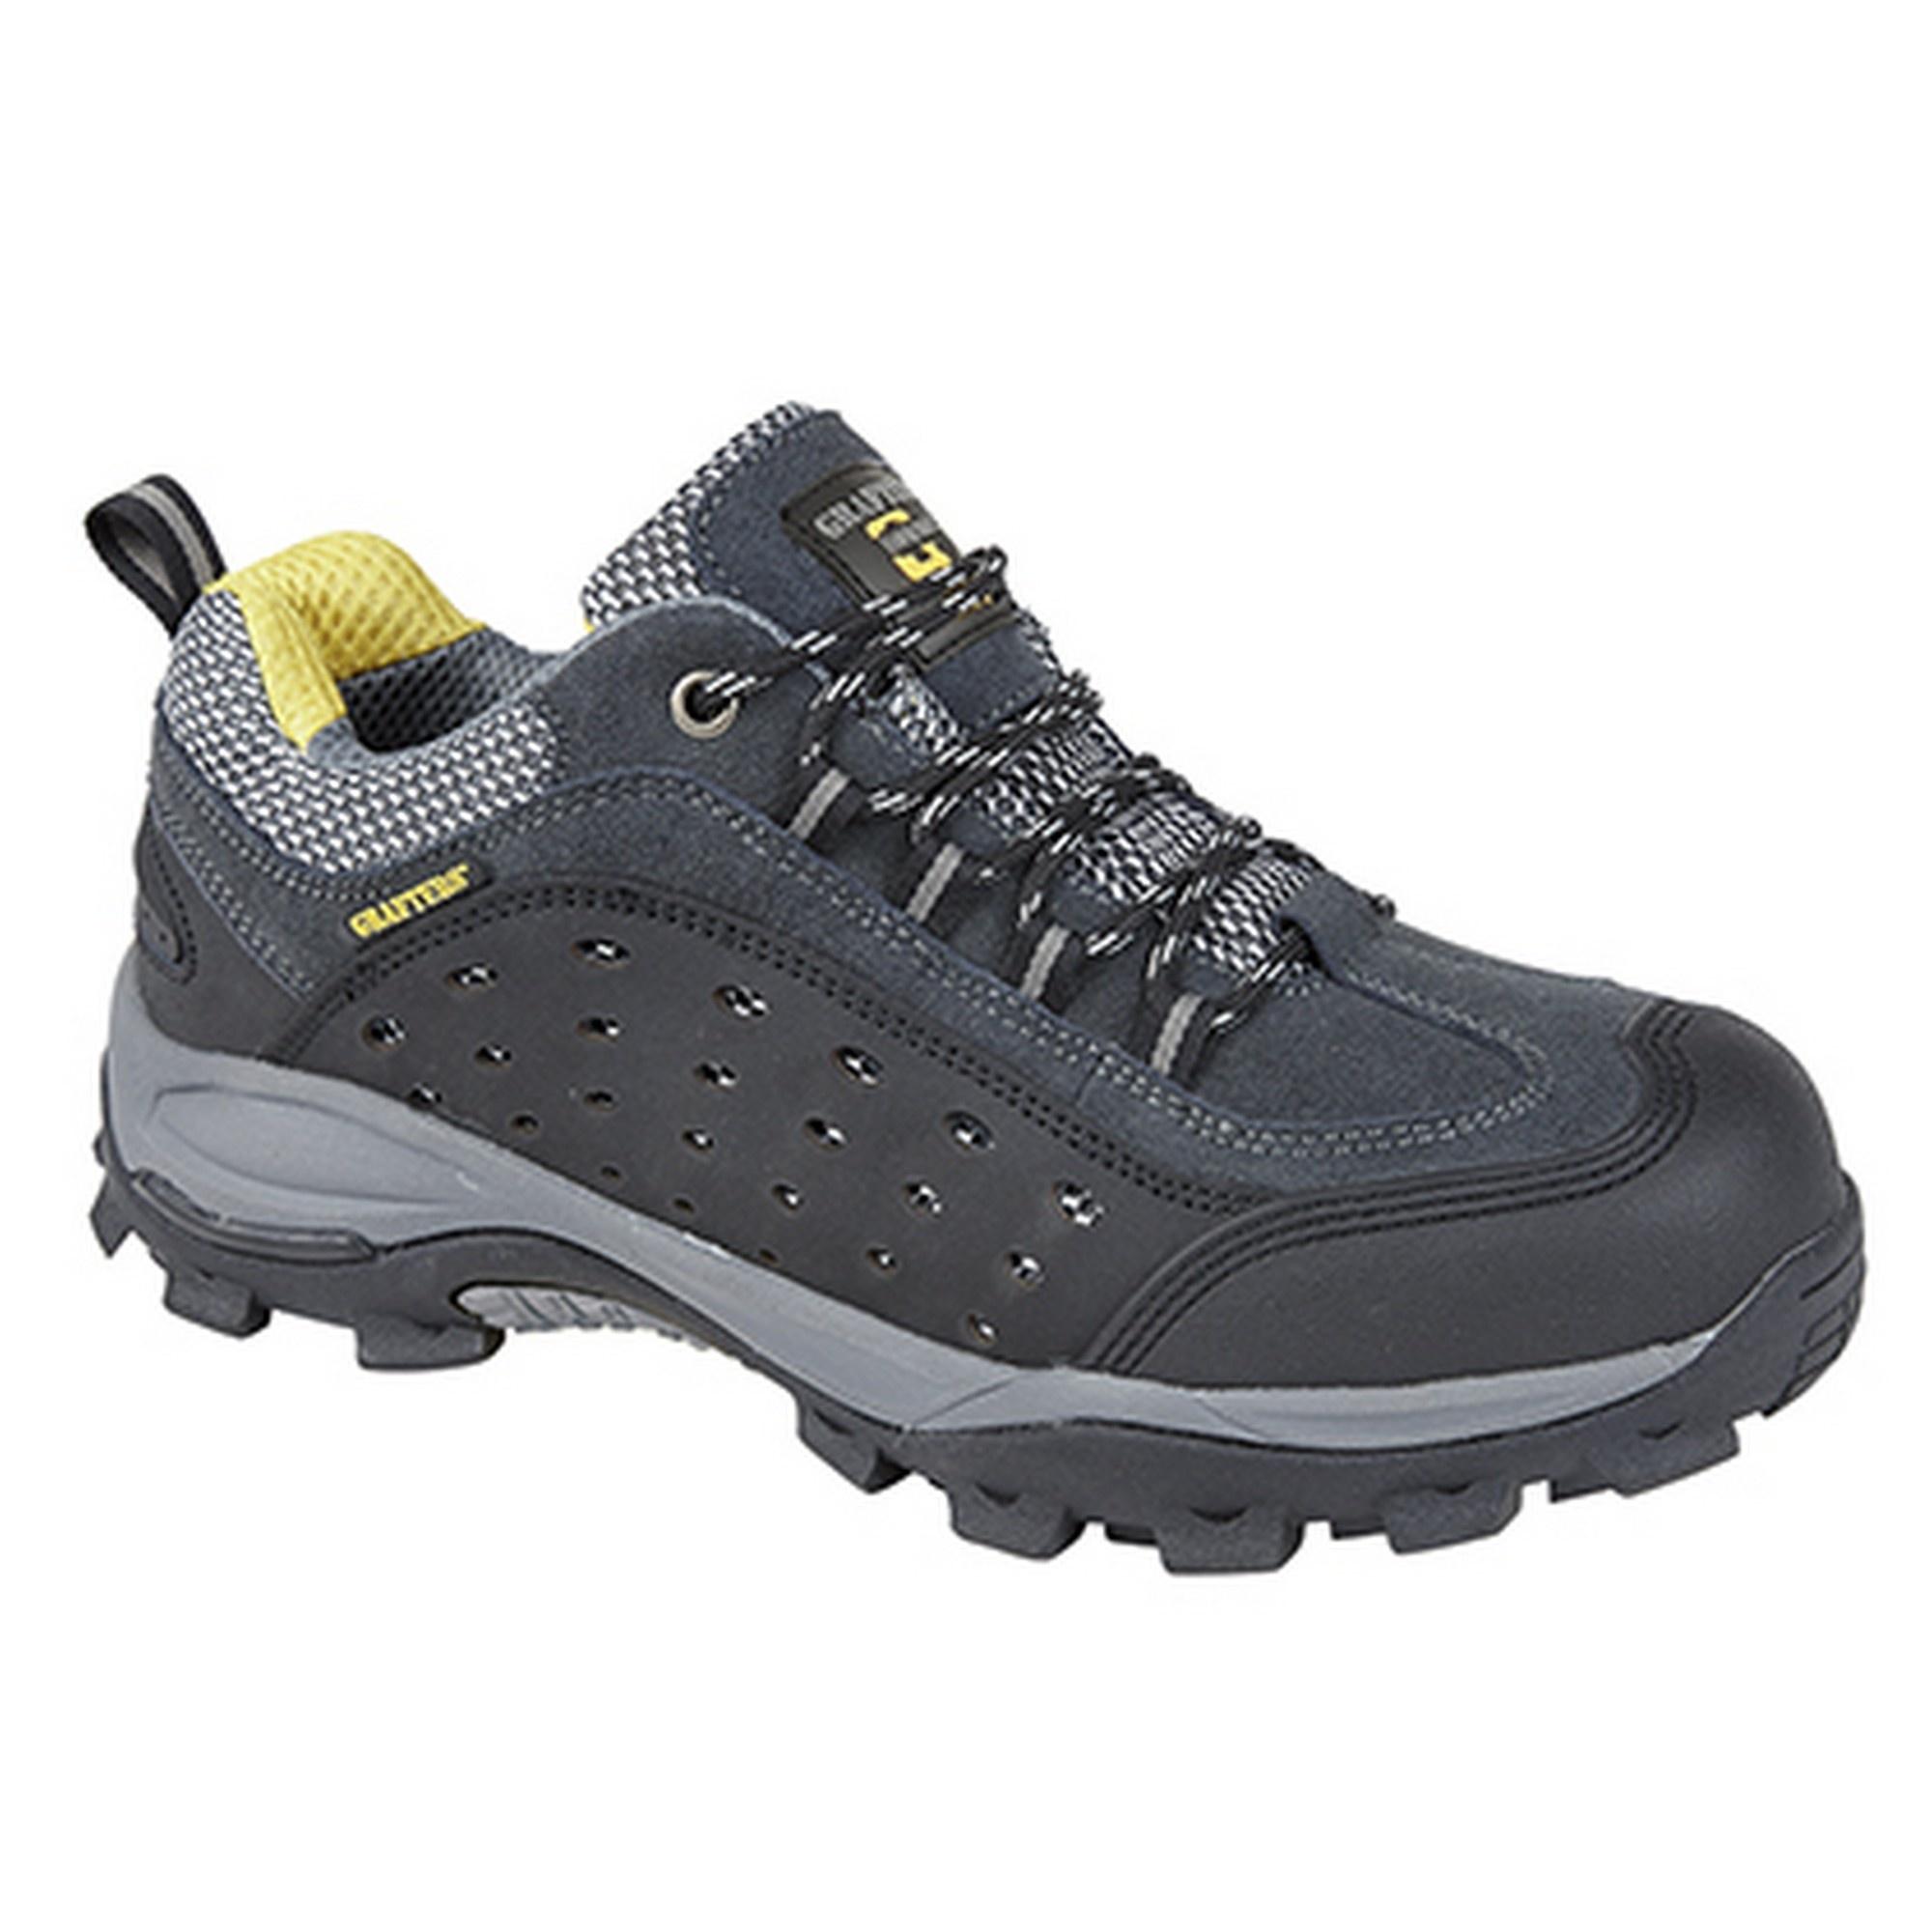 Grafters zapatillas de trabajo seguridad laboral con for Zapatillas de seguridad